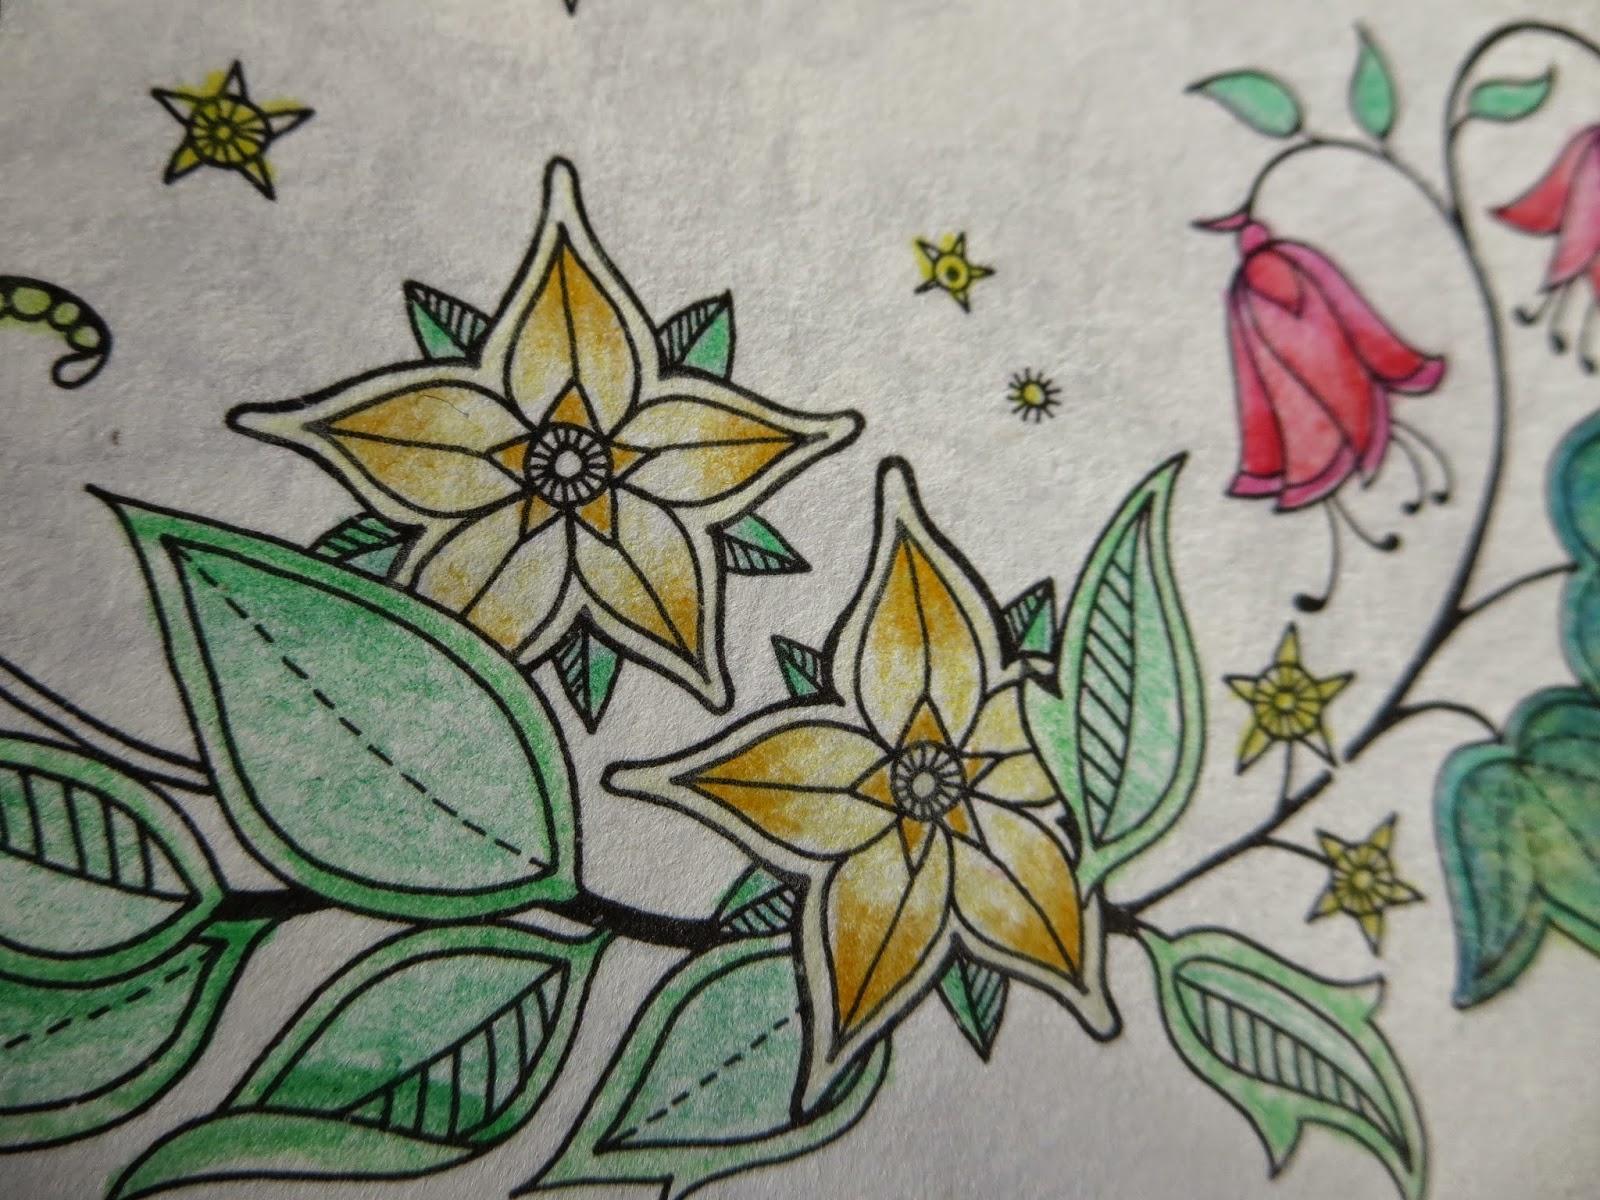 My Secret Garden: Passion For Pencils: My Secret Garden Colouring Book, Part 1